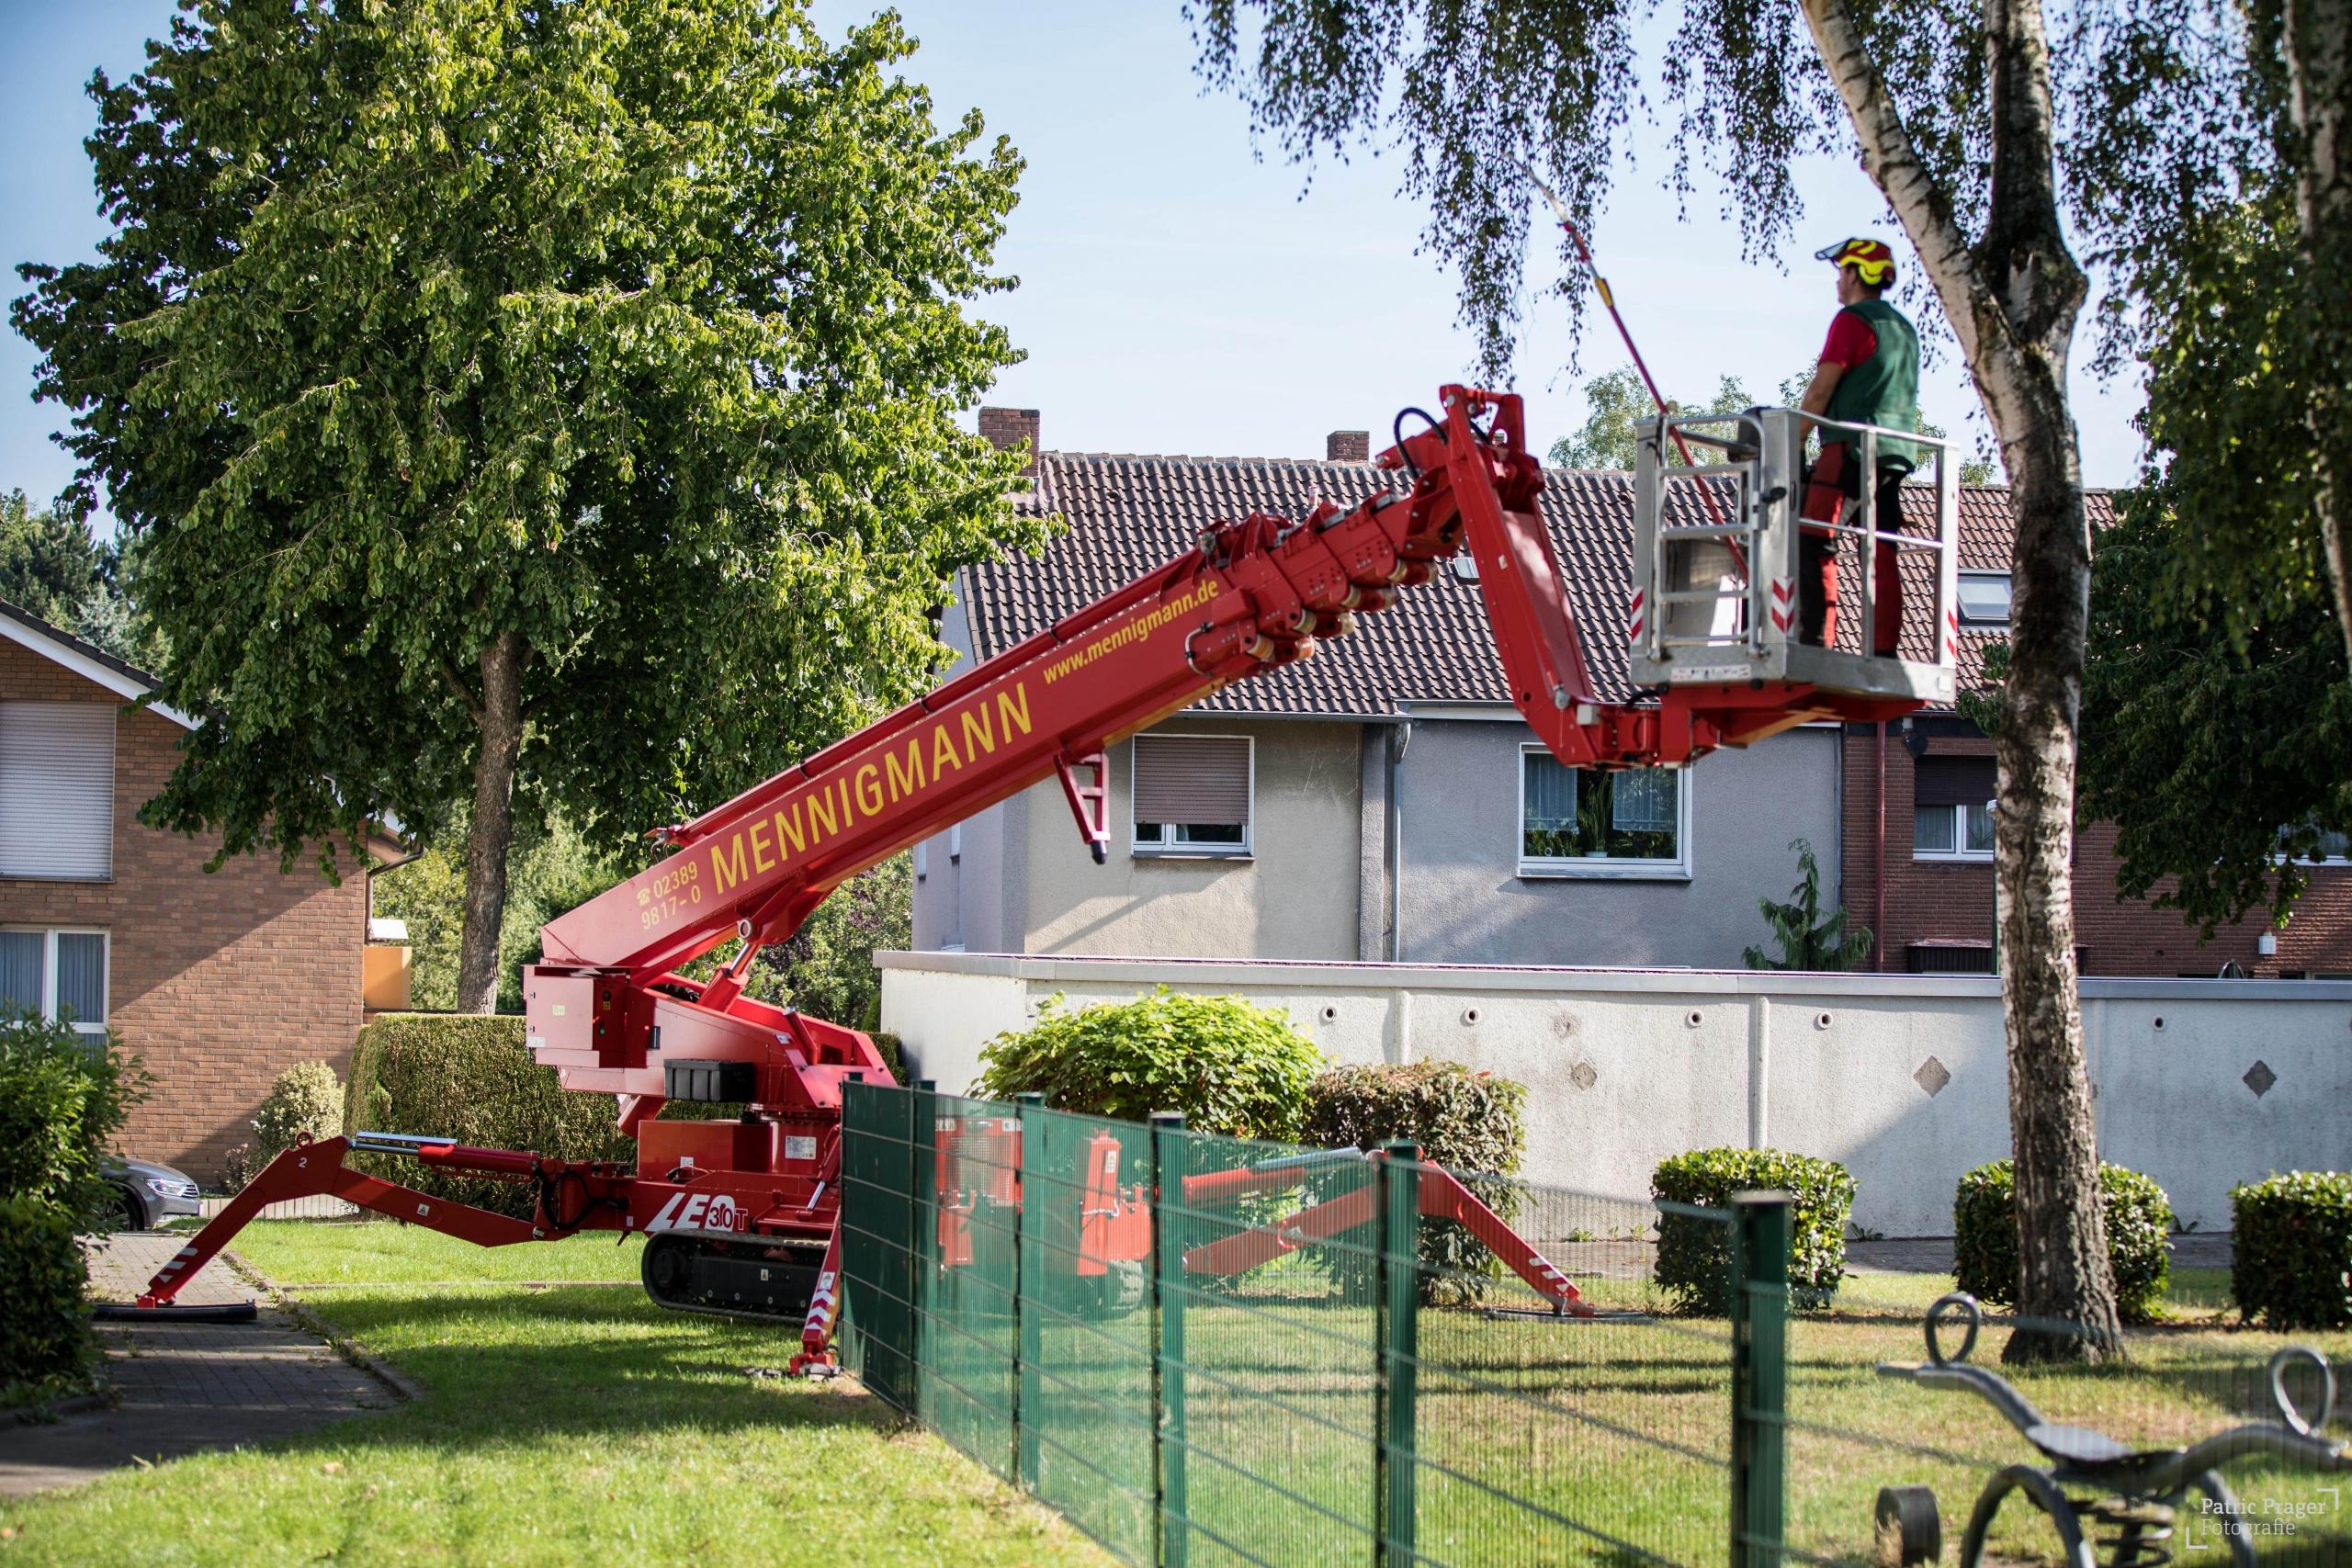 Mennigmann Garten- und Landschaftsbau GmbH Team Baumfällung